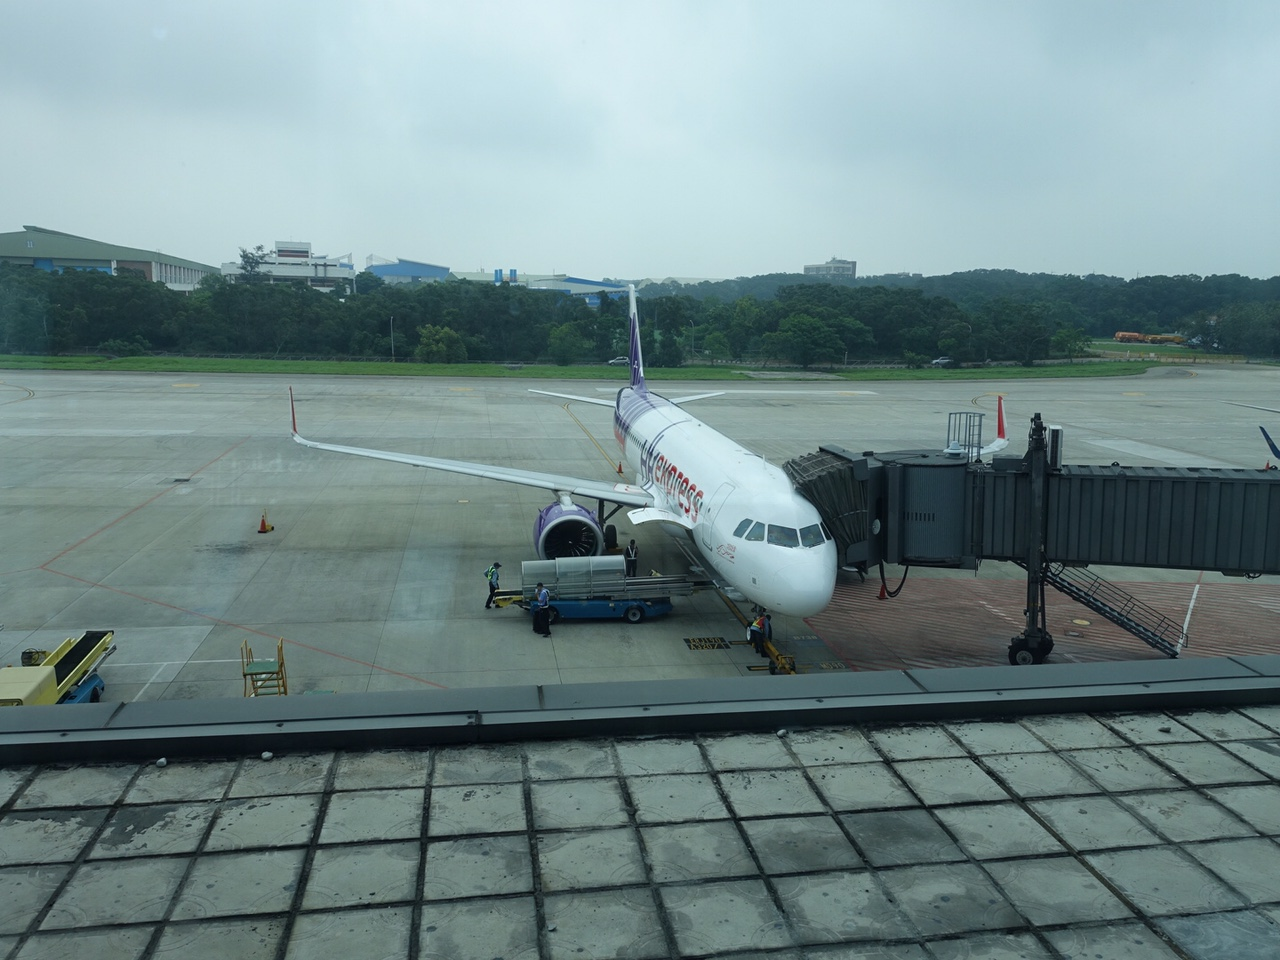 台中市内から台中空港へバスを利用しての行き方について